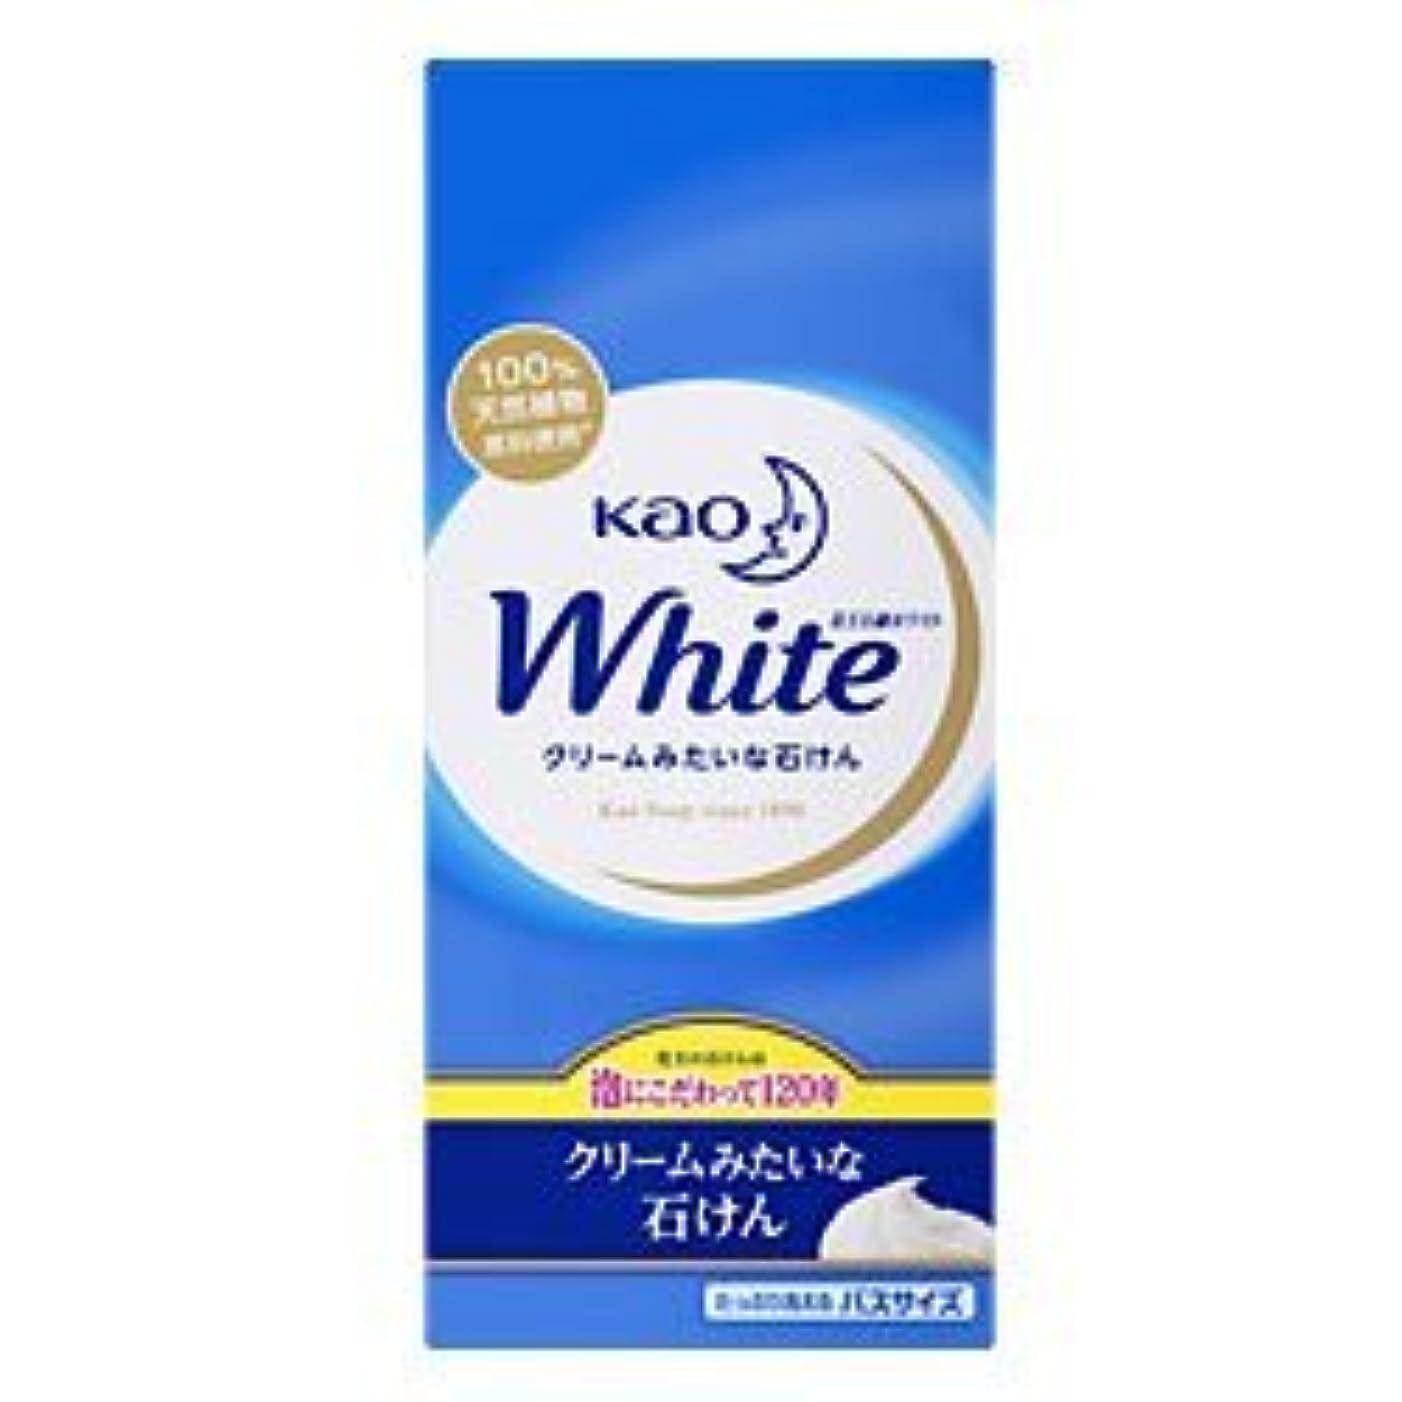 卒業目指す最後の【花王】花王ホワイト バスサイズ 130g×6個 ×5個セット